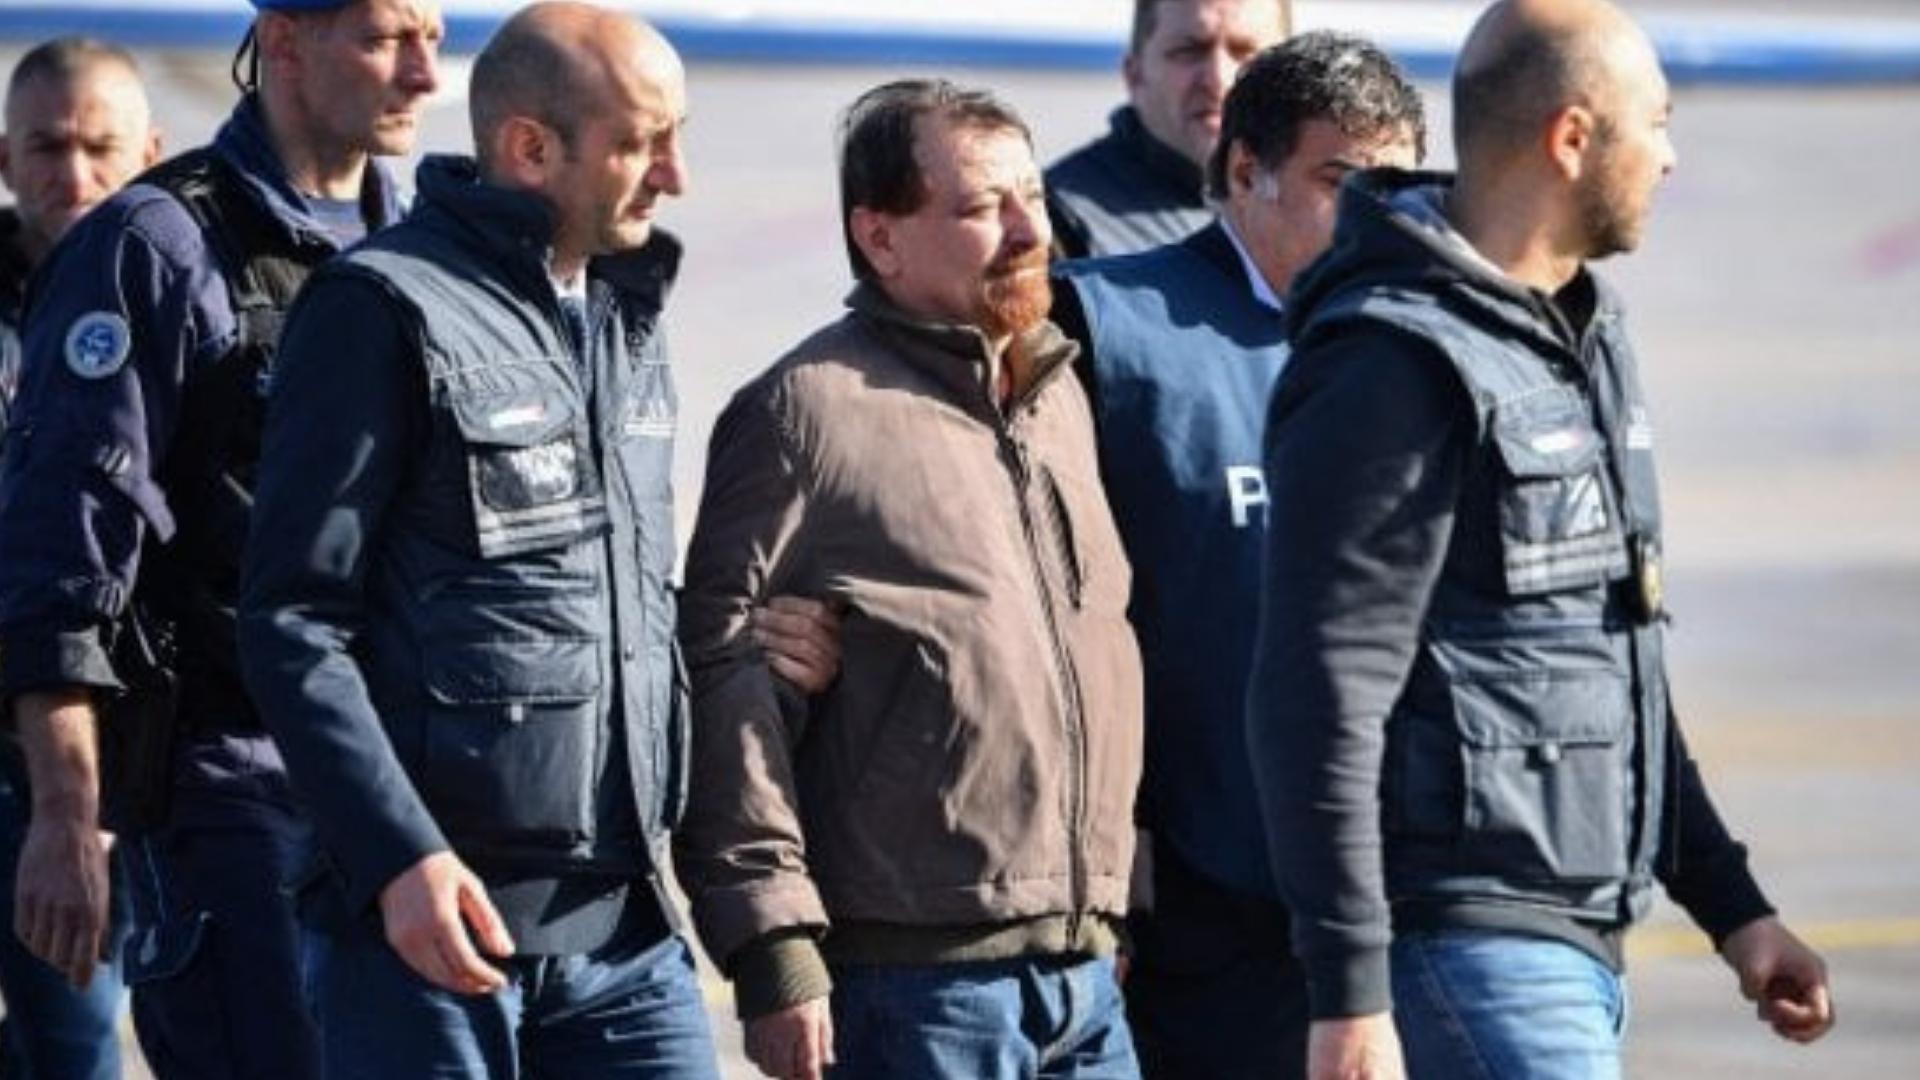 Caso Battisti, l'impunità di un criminale e i suoi padri